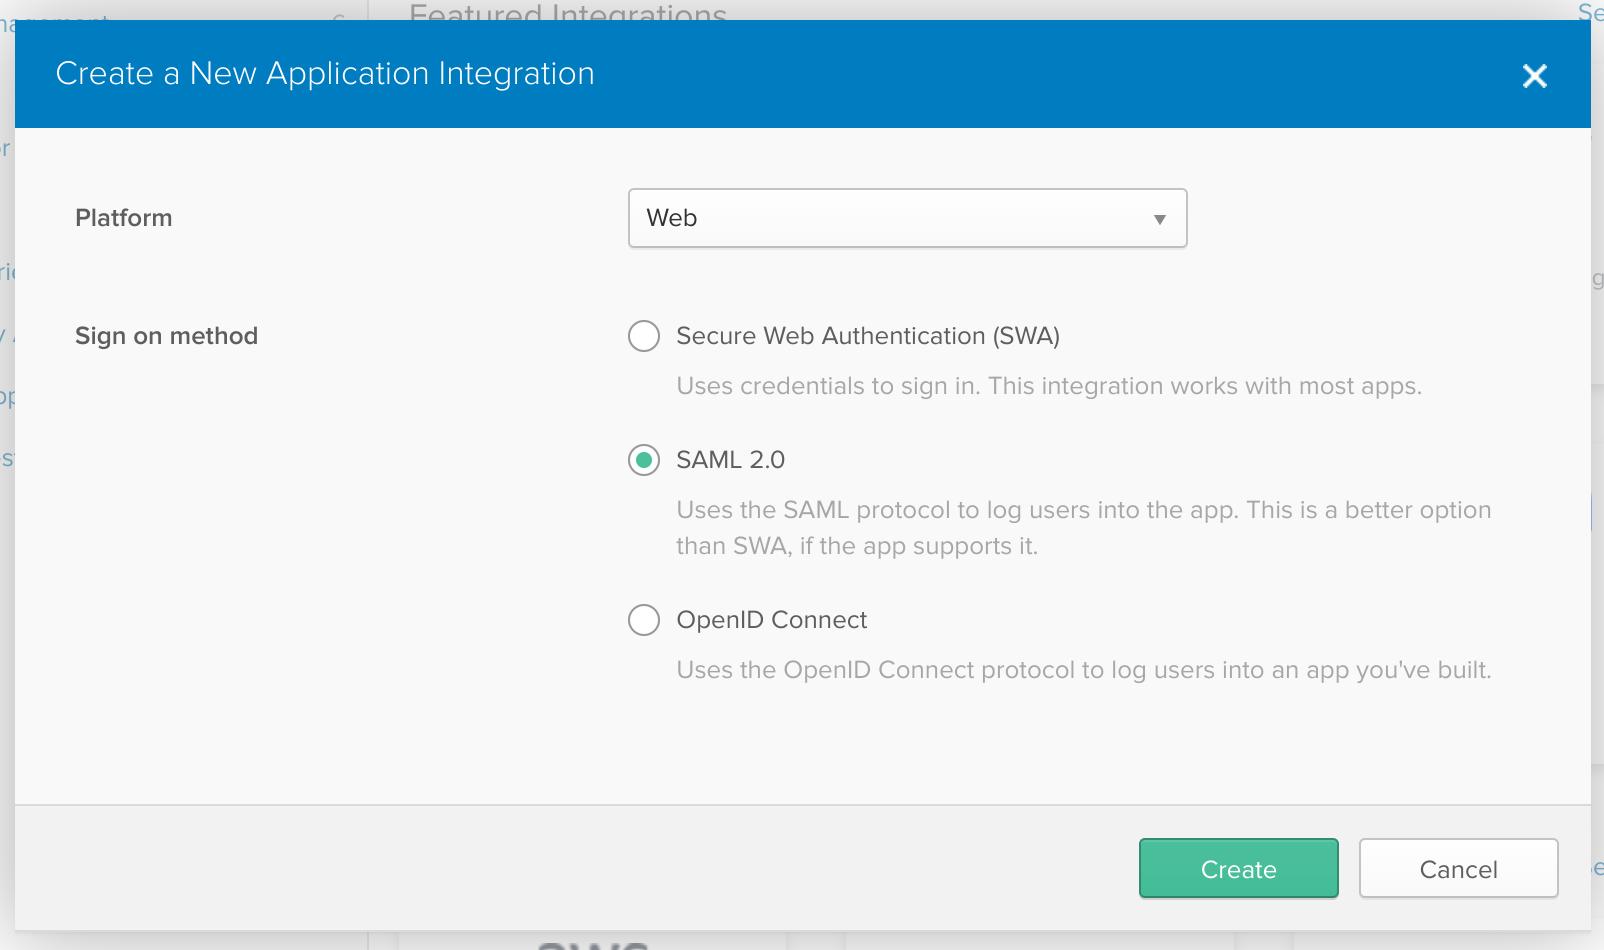 SAML 2.0 integration